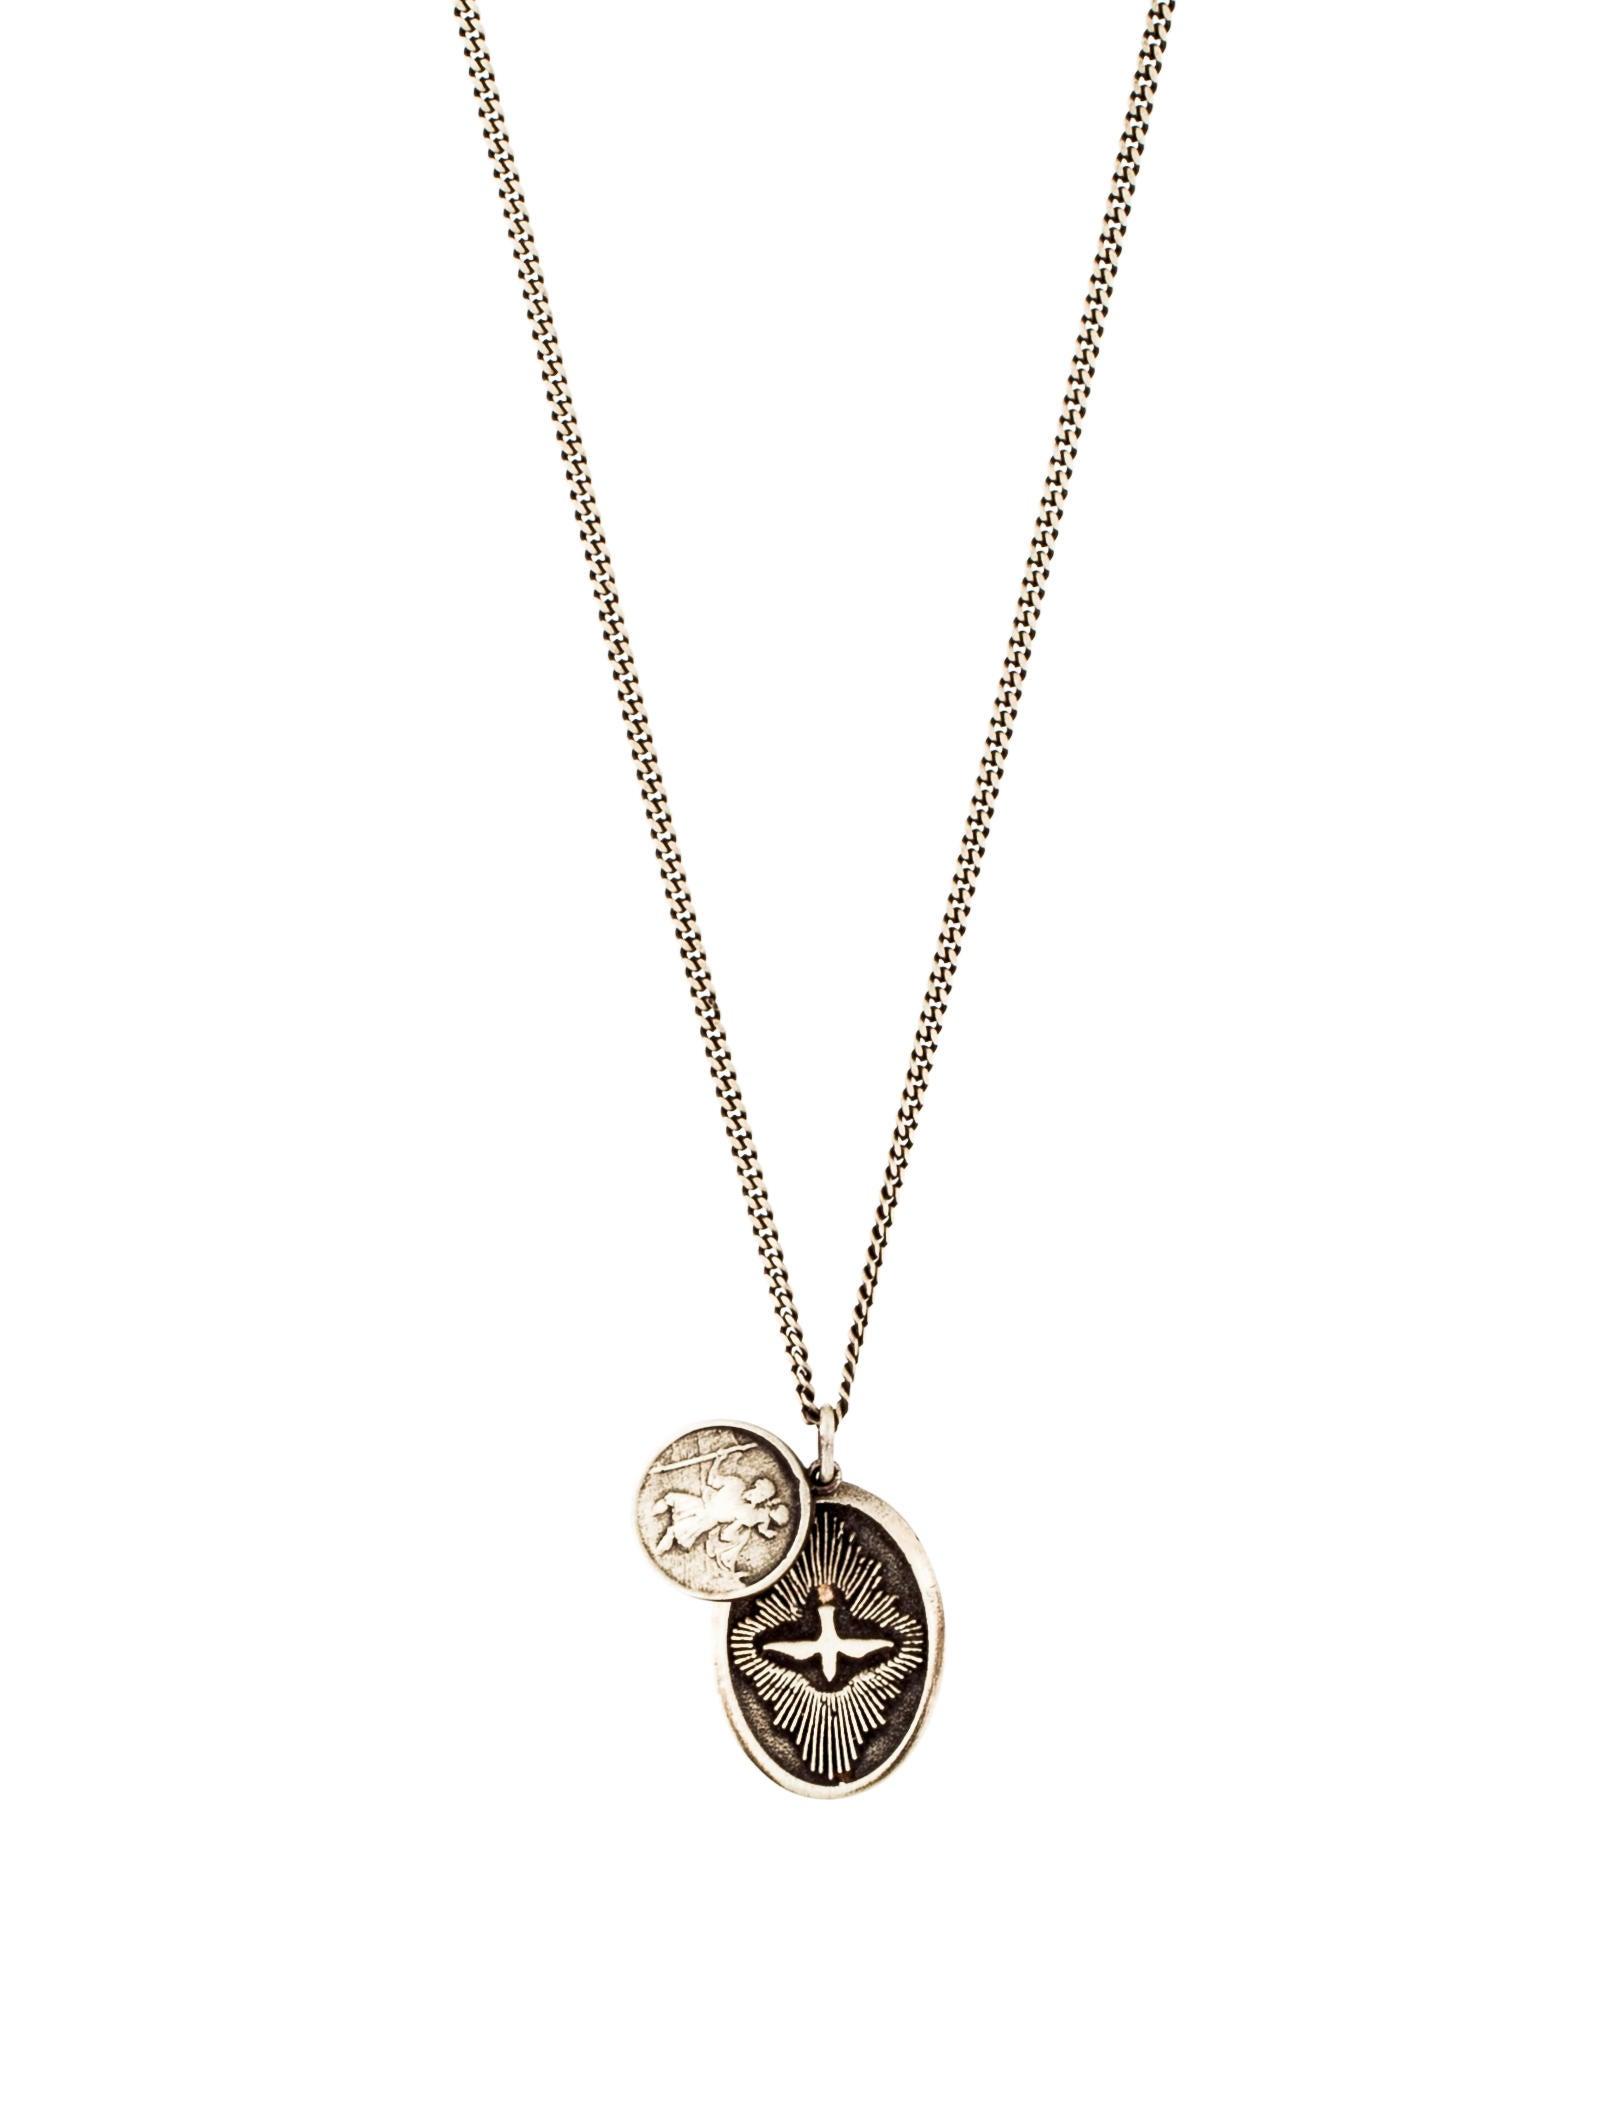 3c8a39f8435ad Miansai Mini Dove Pendant Necklace - Necklaces - W8N20898